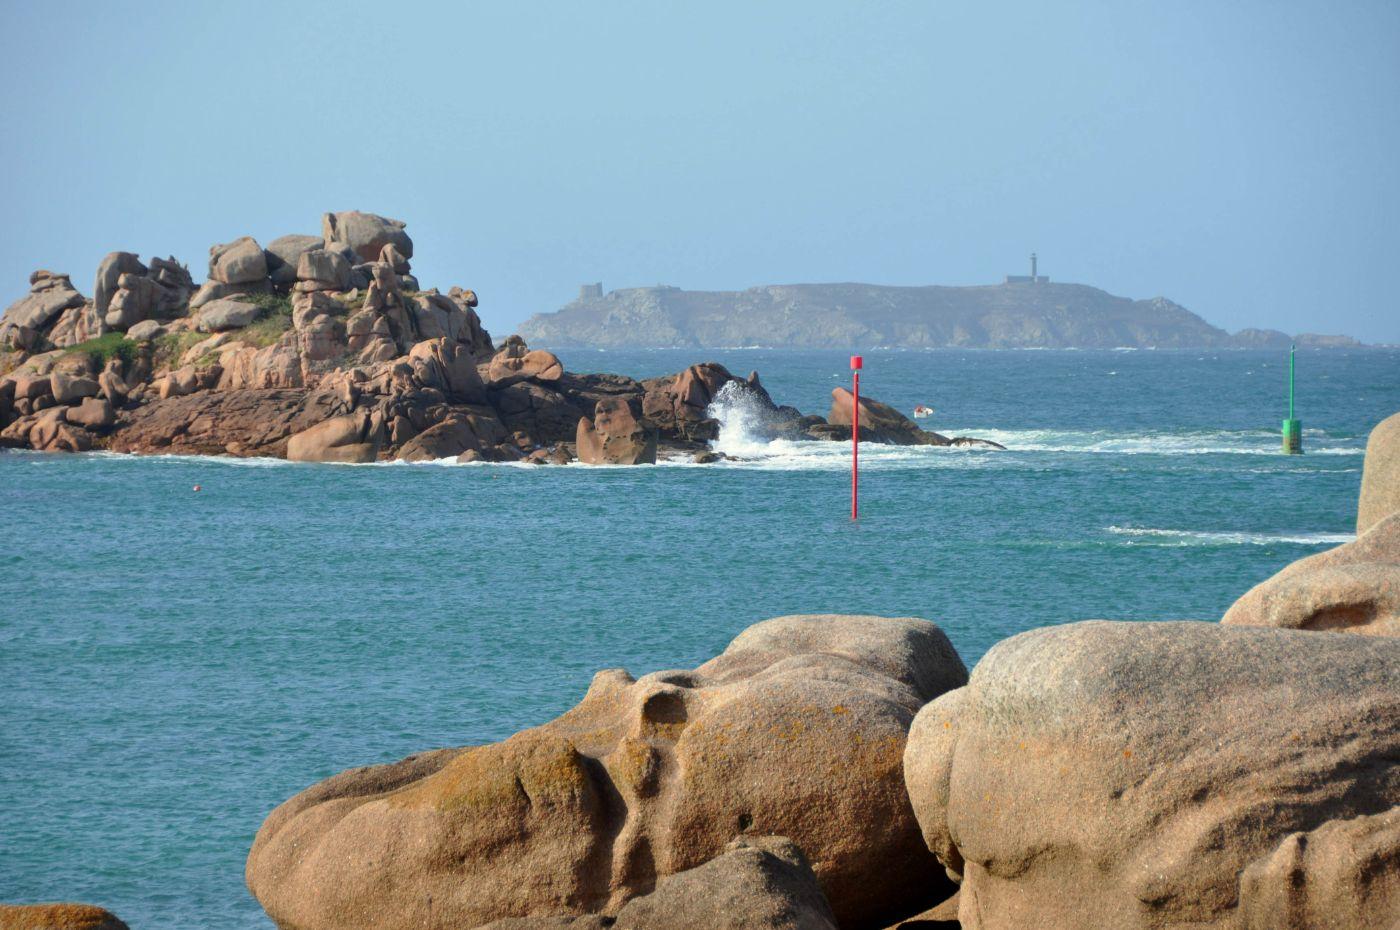 Côte de Granit rose - La Marinière en Voyage